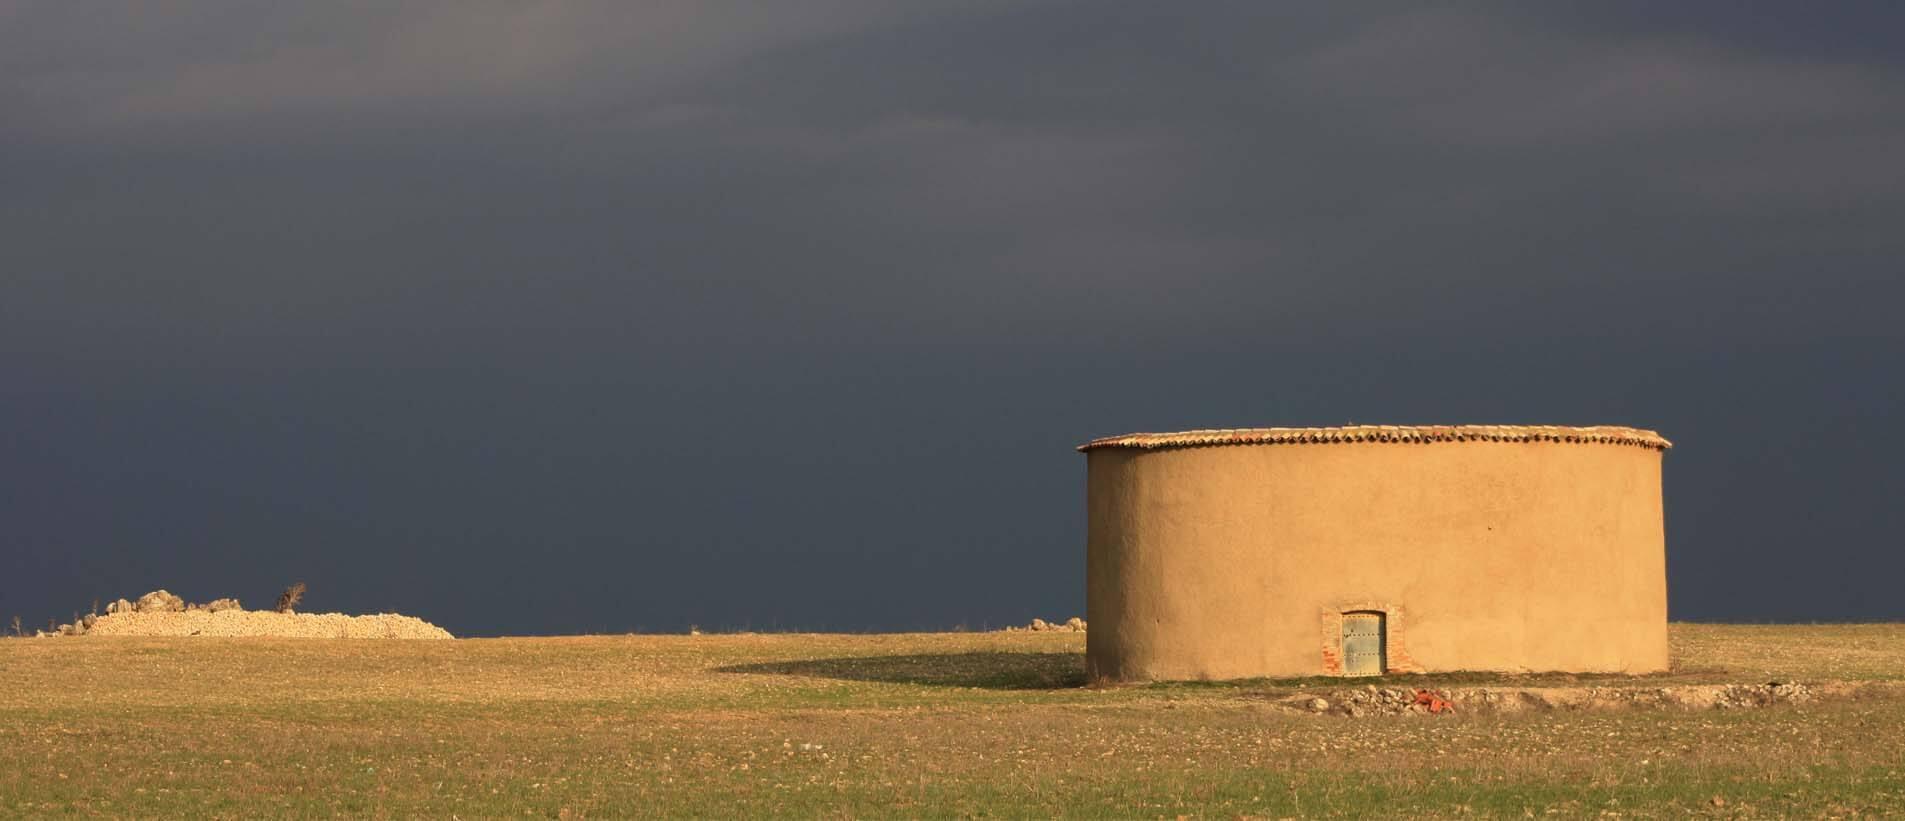 Tiedra - Valladold- Turismo Rural